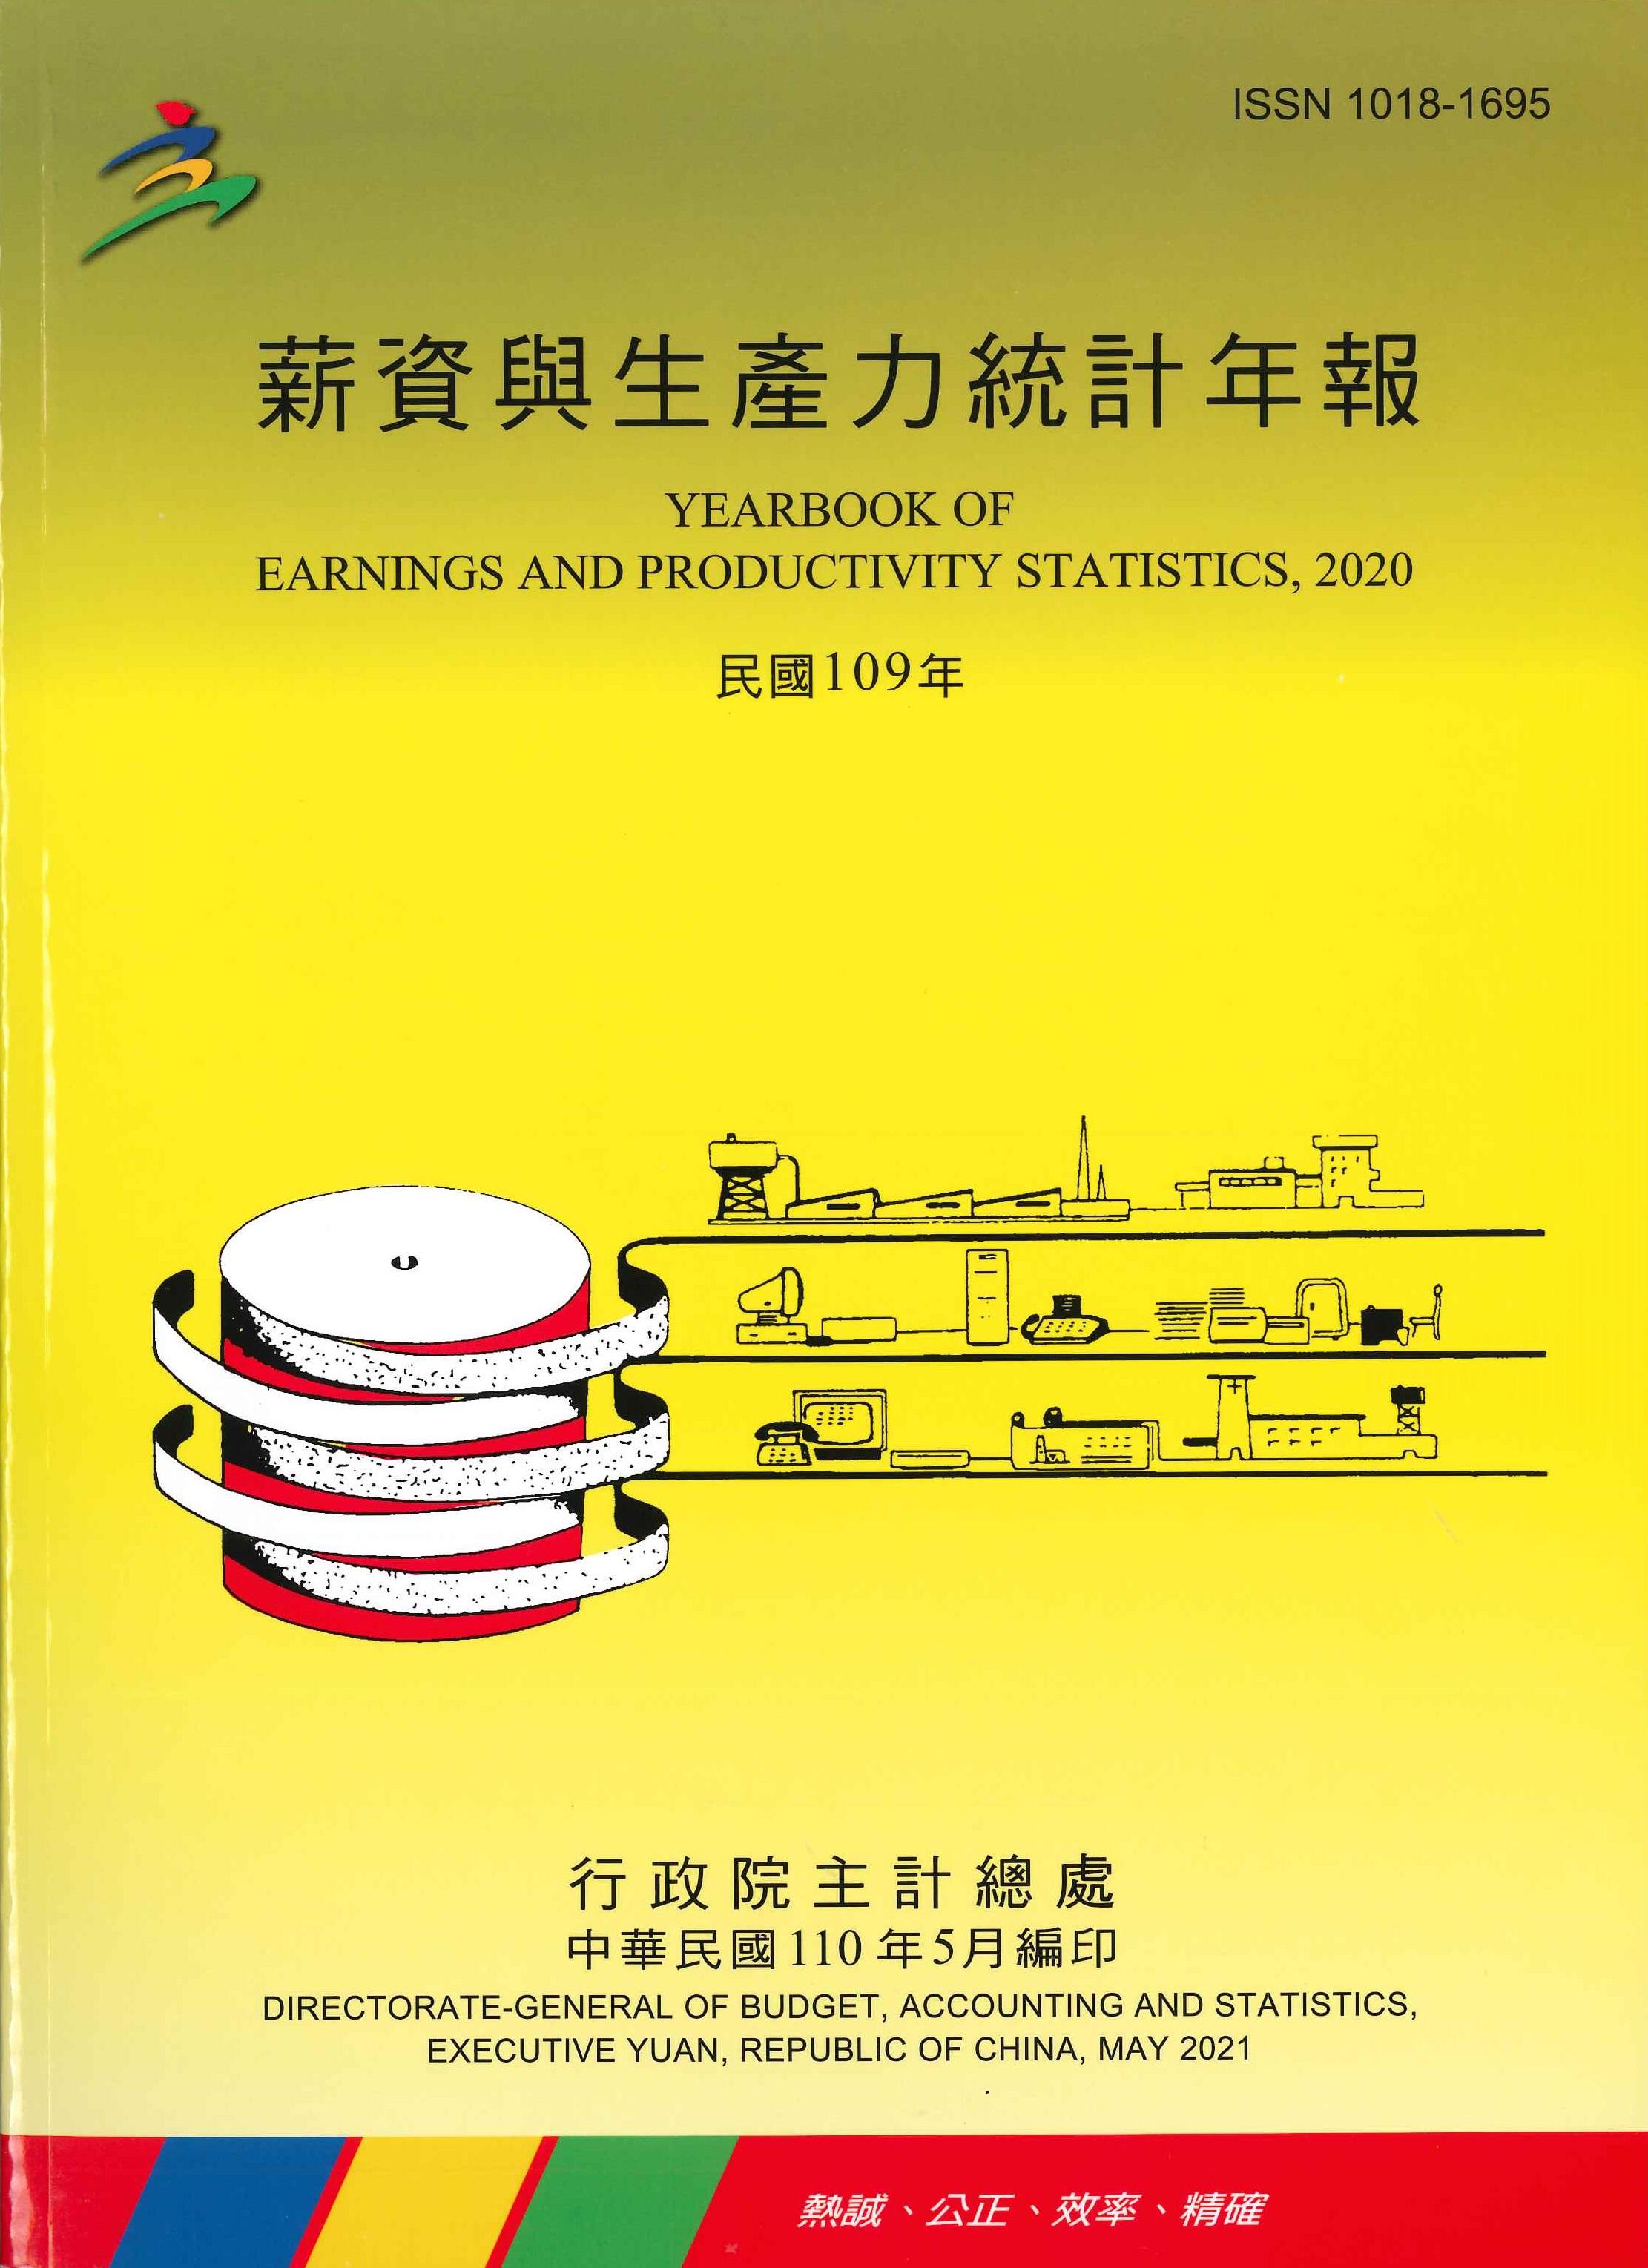 薪資與生產力統計年報=Yearbook of earning and productivity statistics